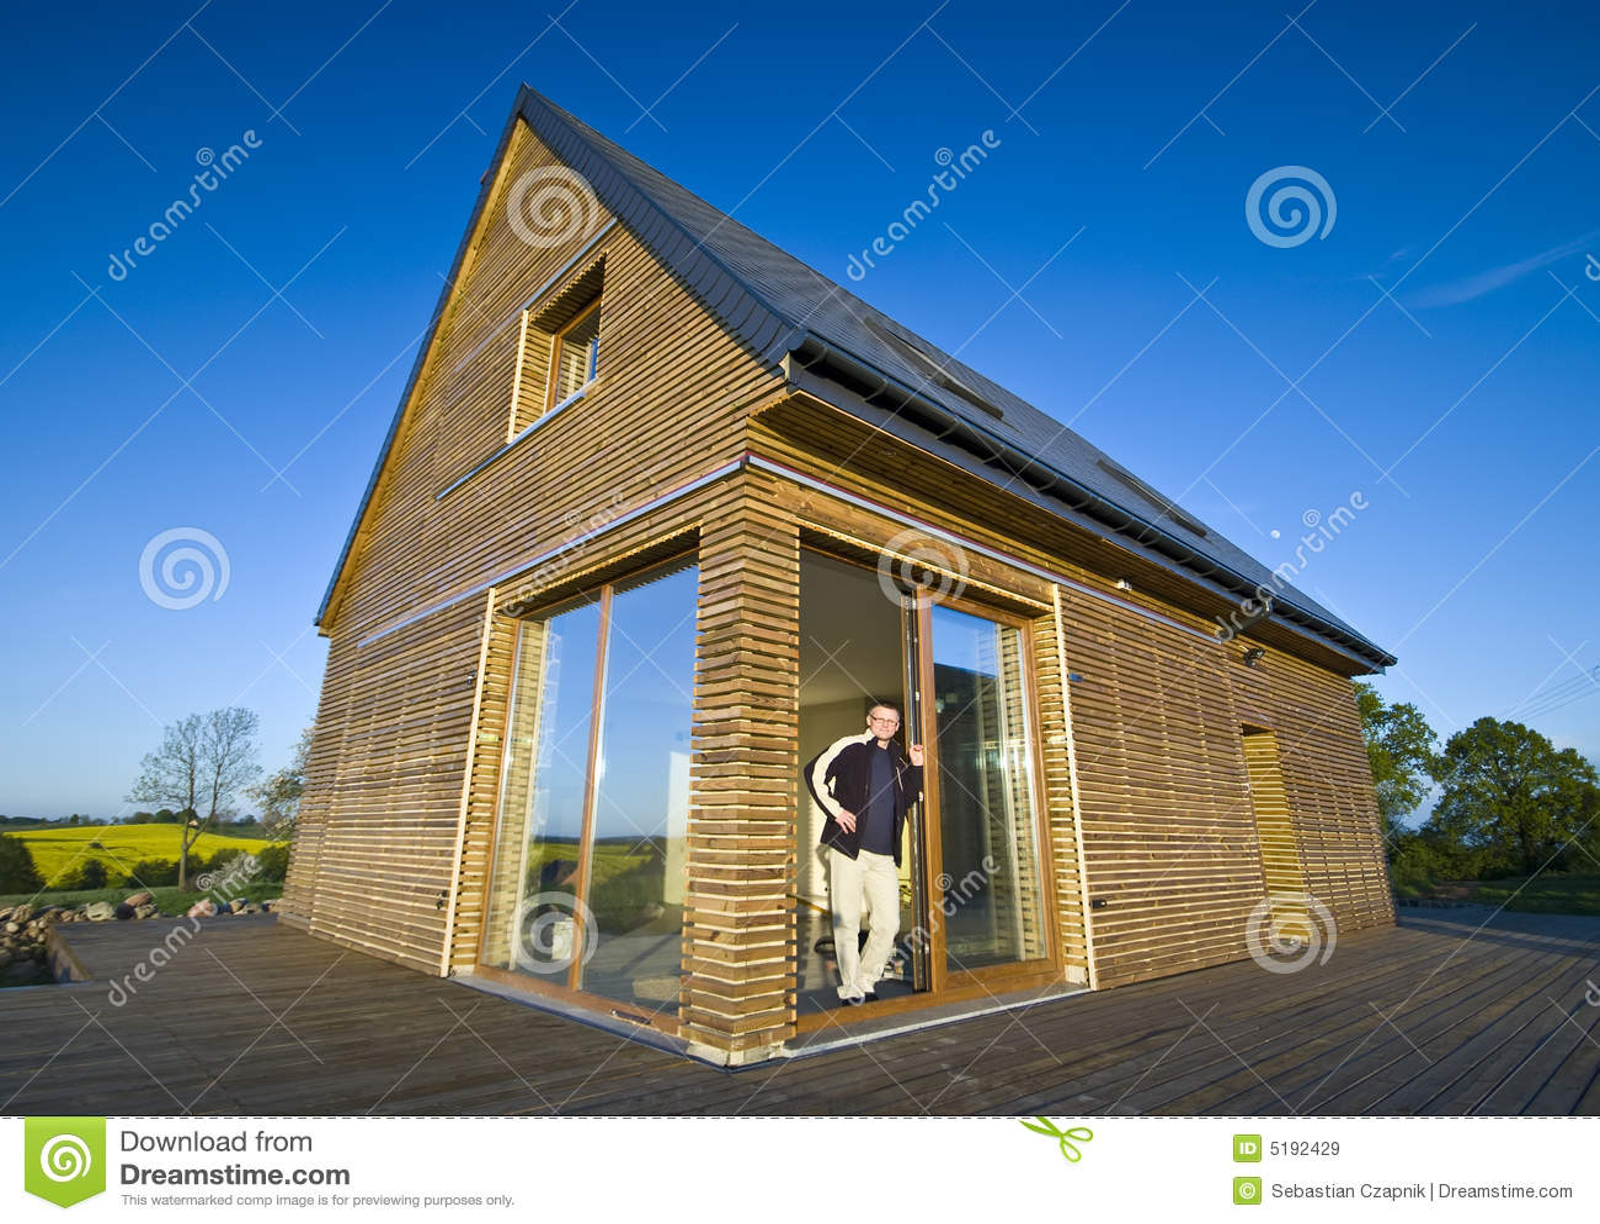 Huis met houten buitenkant royalty vrije stock afbeeldingen beeld 5192429 - Huis architect hout ...